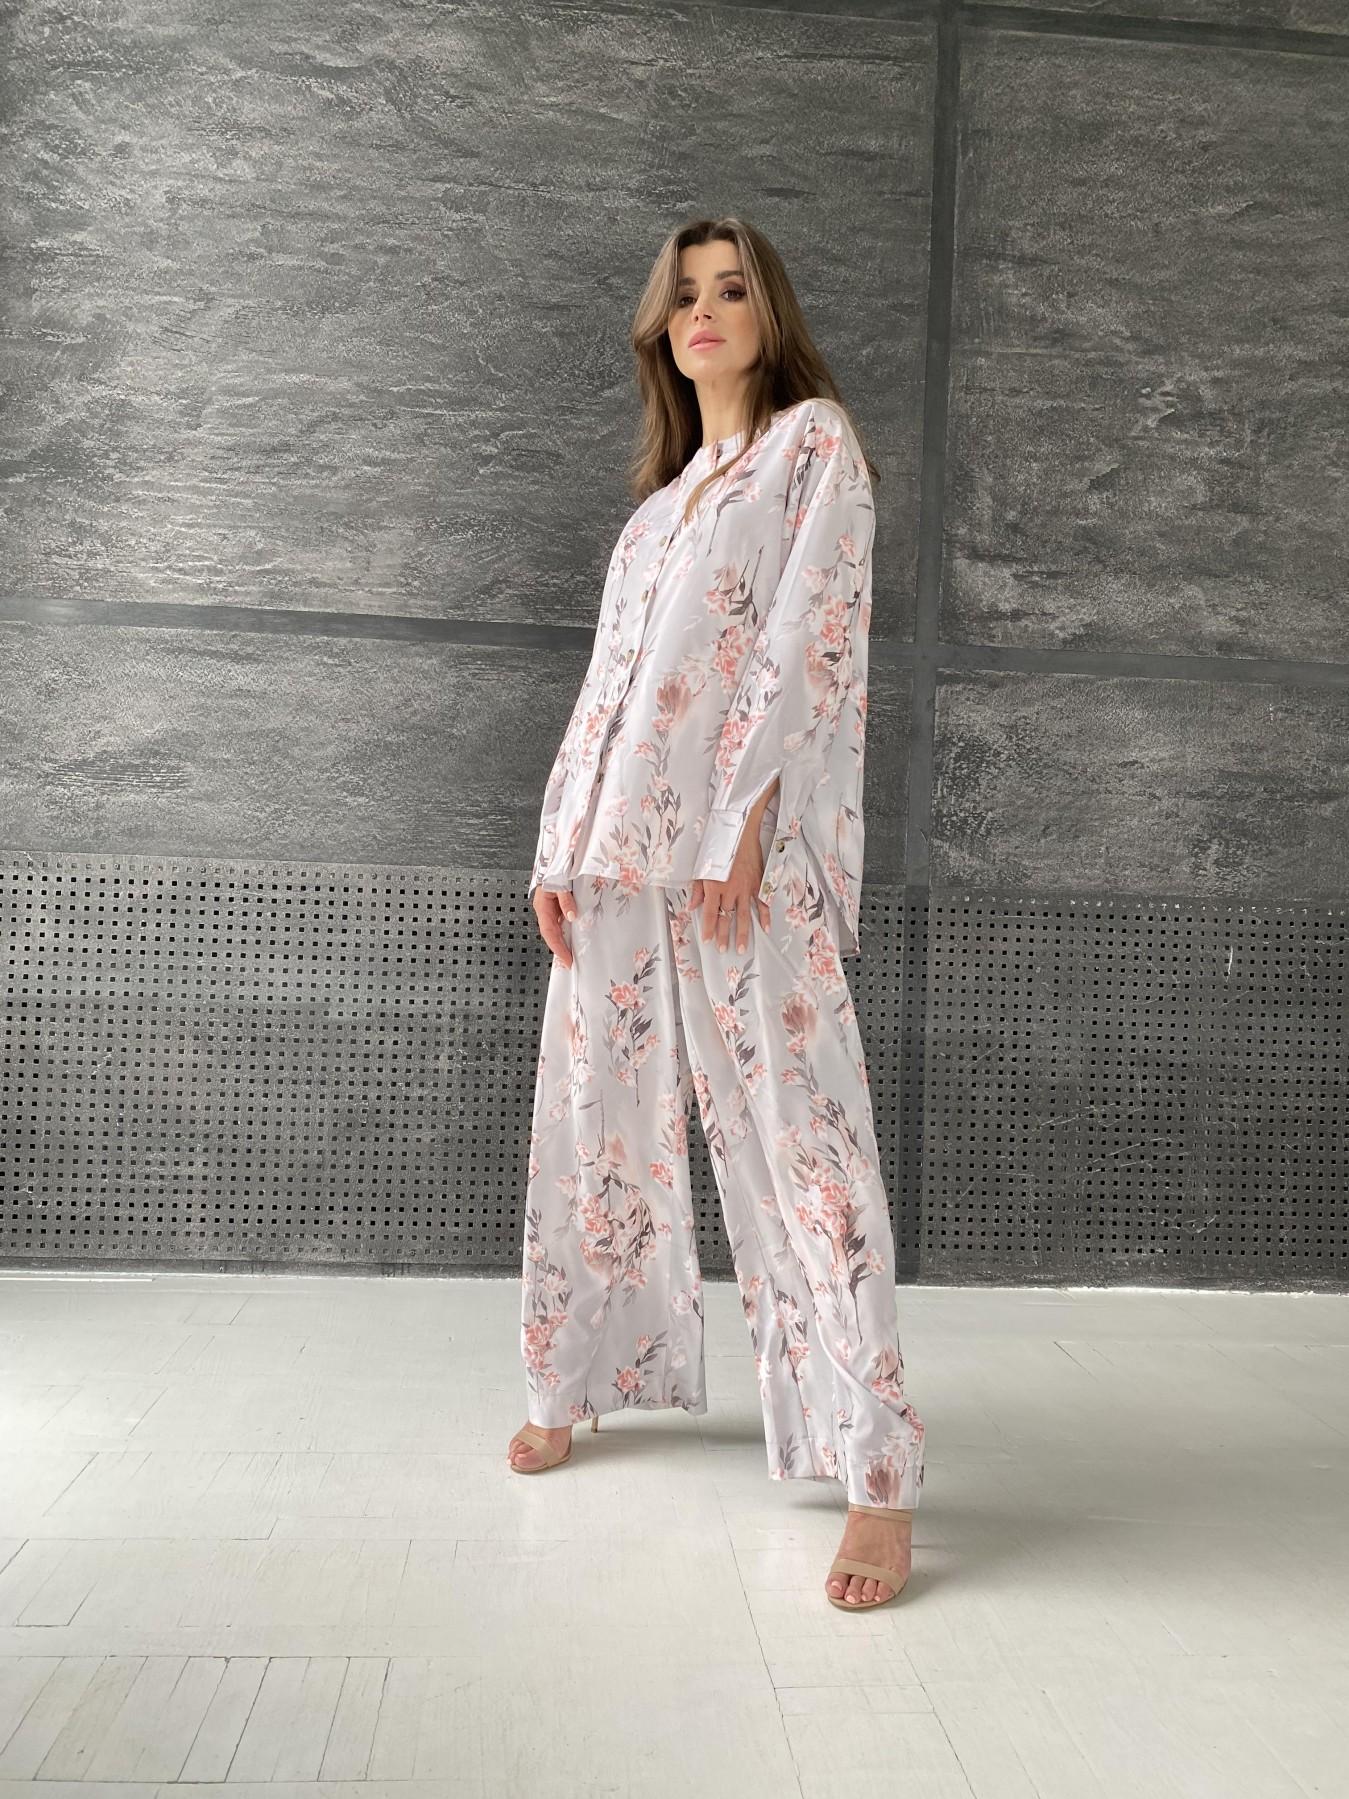 Колибри костюм софт с принтом 11244 АРТ. 48240 Цвет: Цветы на ветке серый/пудра - фото 1, интернет магазин tm-modus.ru